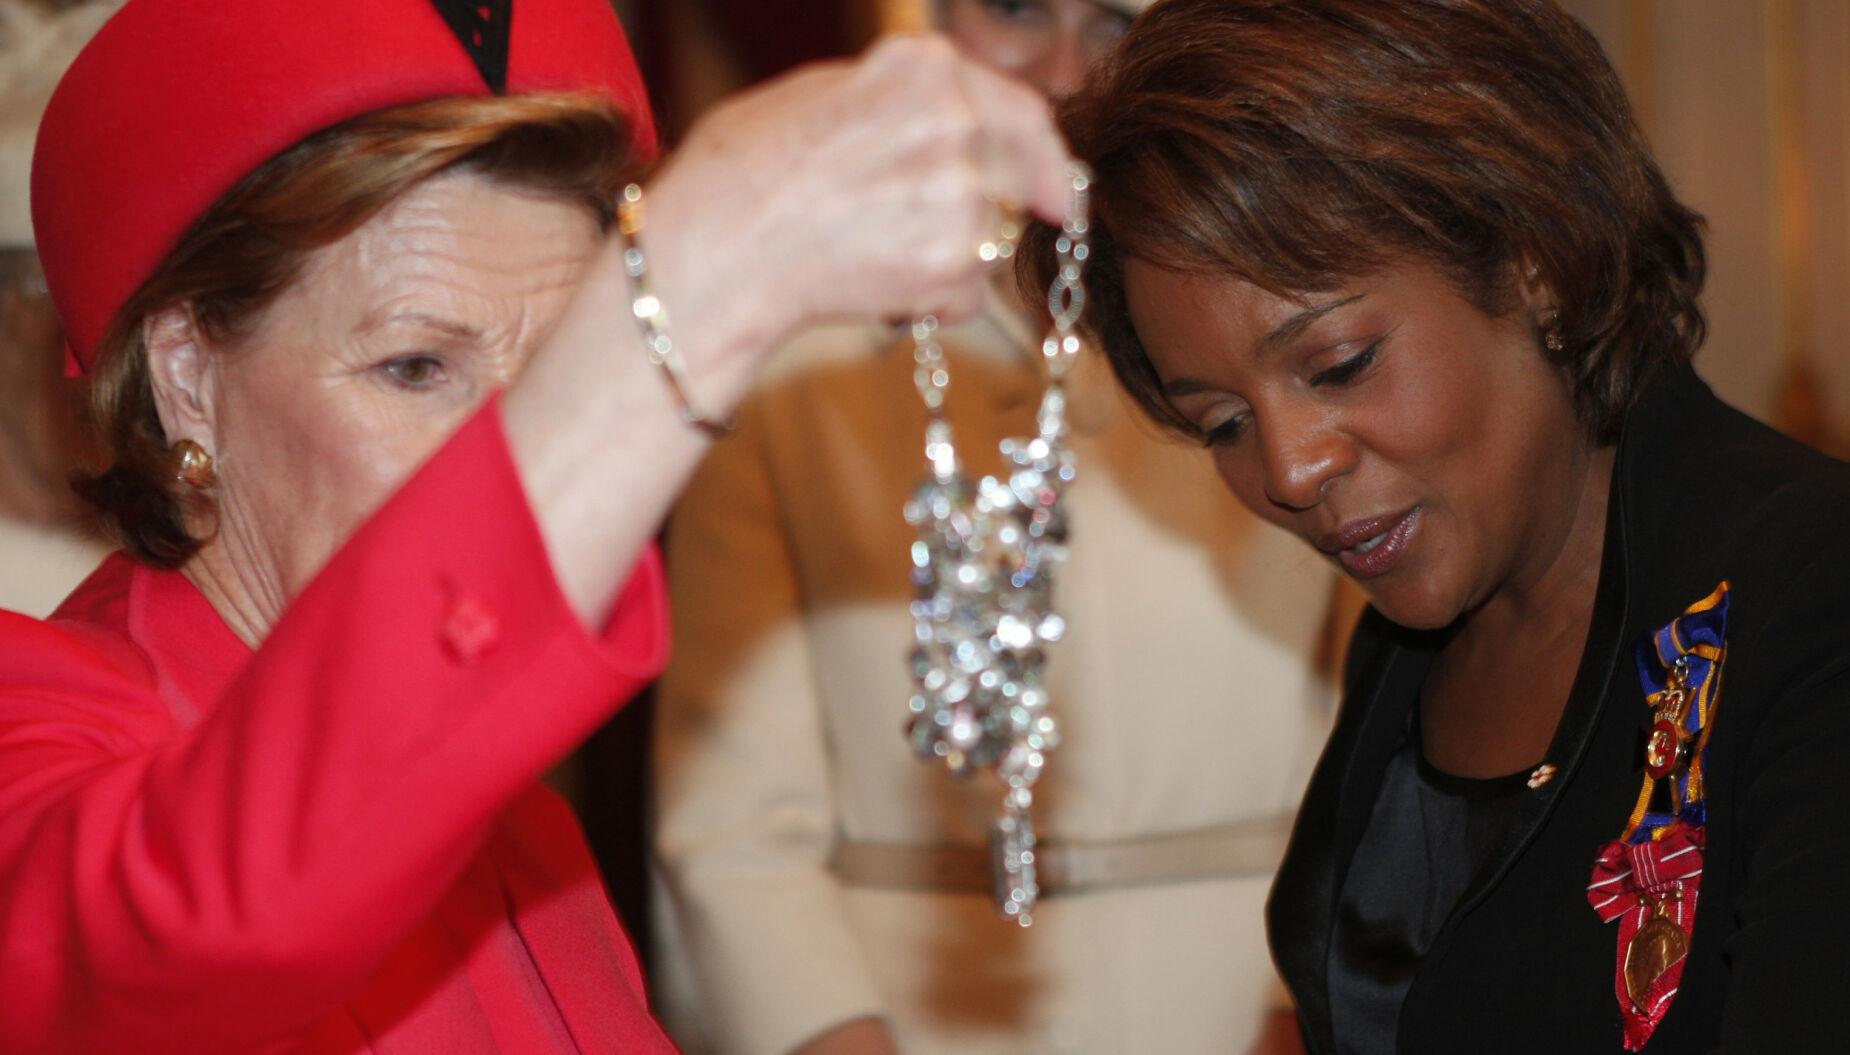 SMYKKER: Det spares sjelden på noe når de kongelige overøses med gaver fra ambassader og fremmede makter. Her ser vi dronning Sonja studere et glitrende smykke hun fikk i gave forbindelse med et statsbesøk. Til høyre tidligere generalguvernør Michaelle Jean i Canada. Foto: NTB.